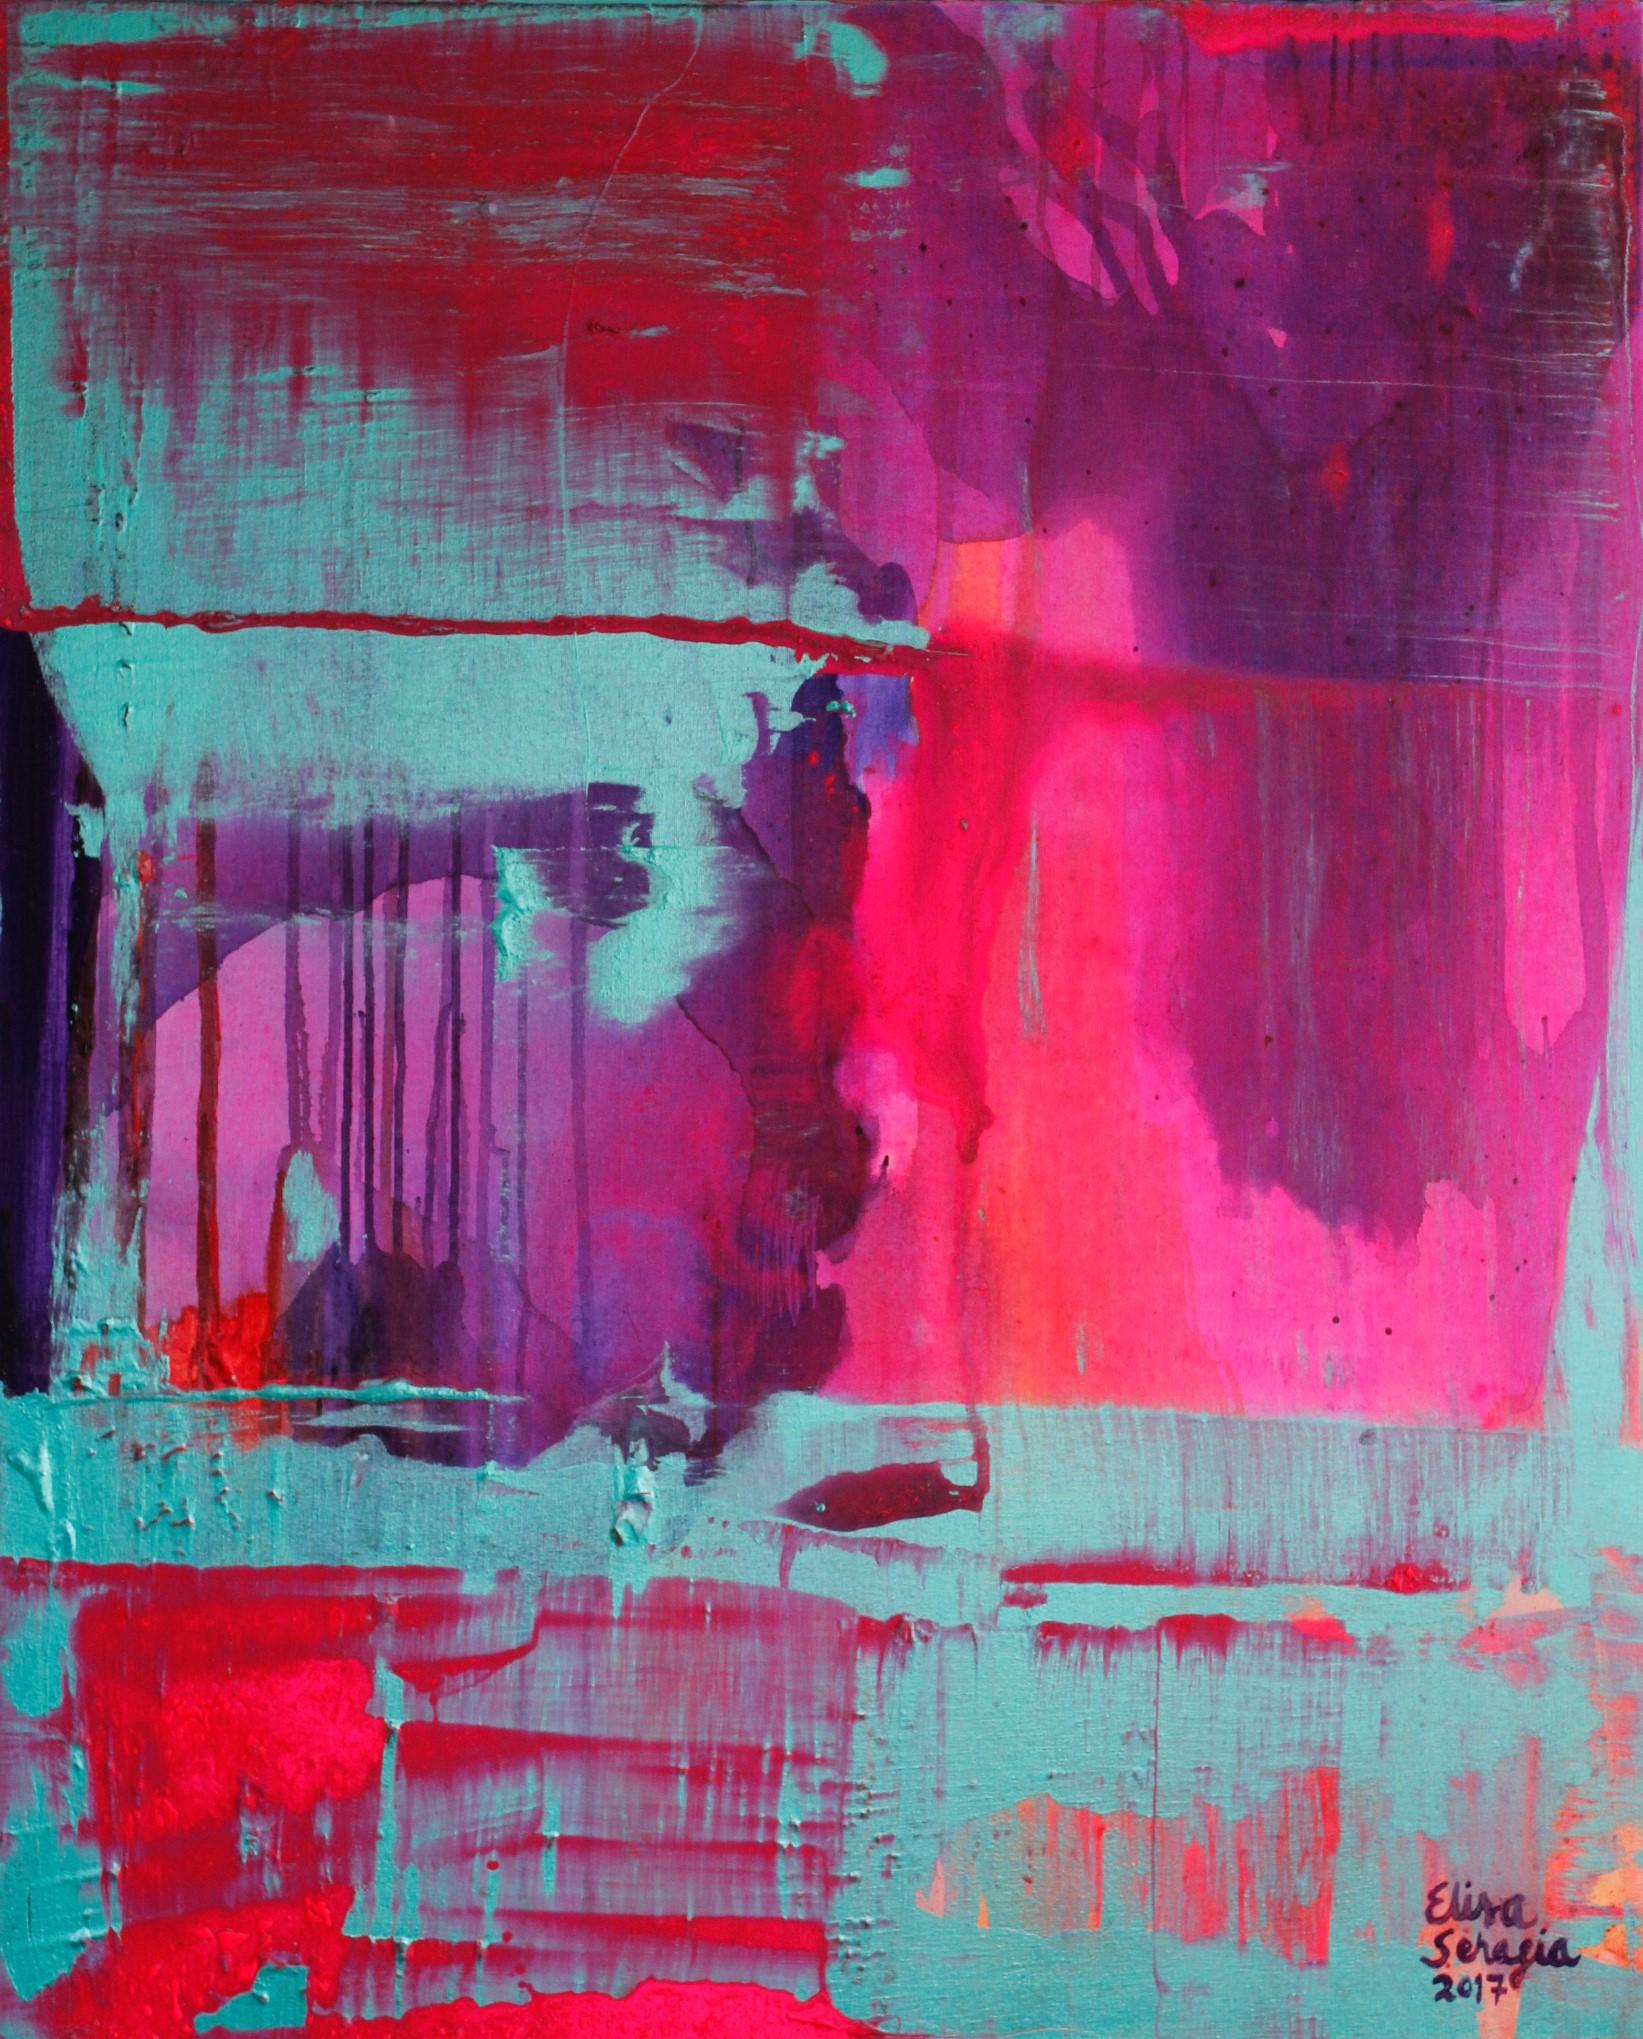 Surrealistinen keskiviikko, Akryyli kankaalle, 100 cm x 80 cm  Myyty / Sold